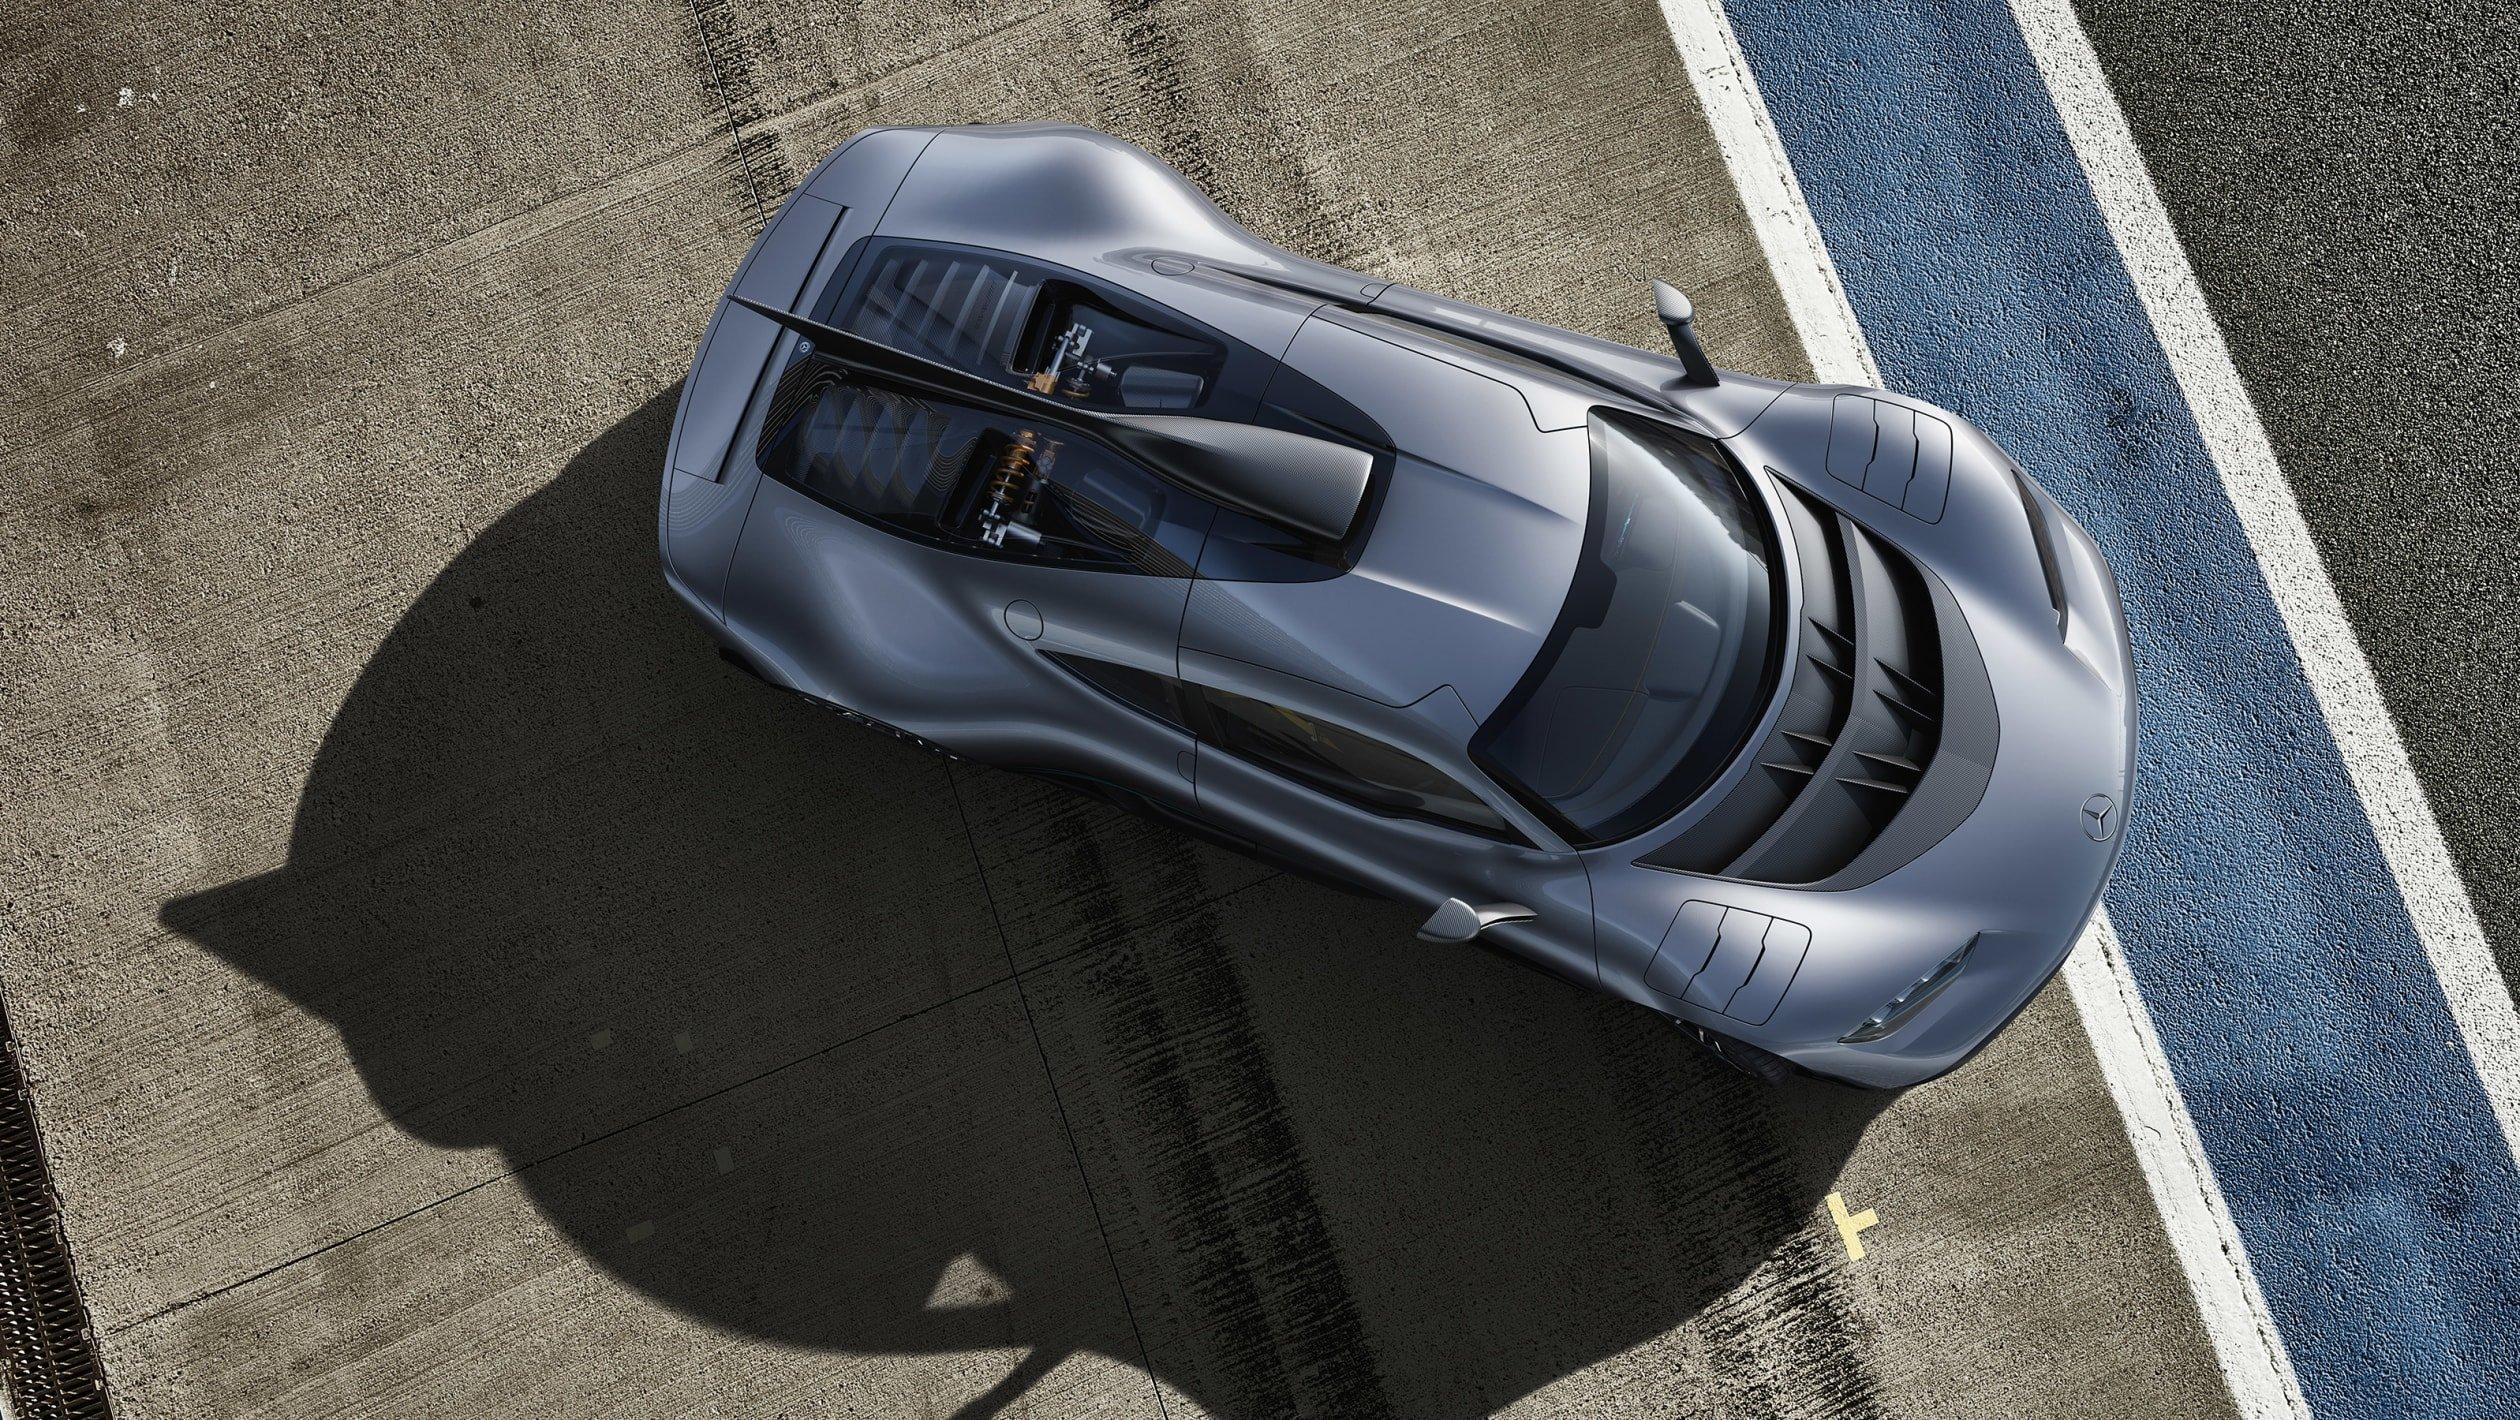 Mercedes AMG One 4